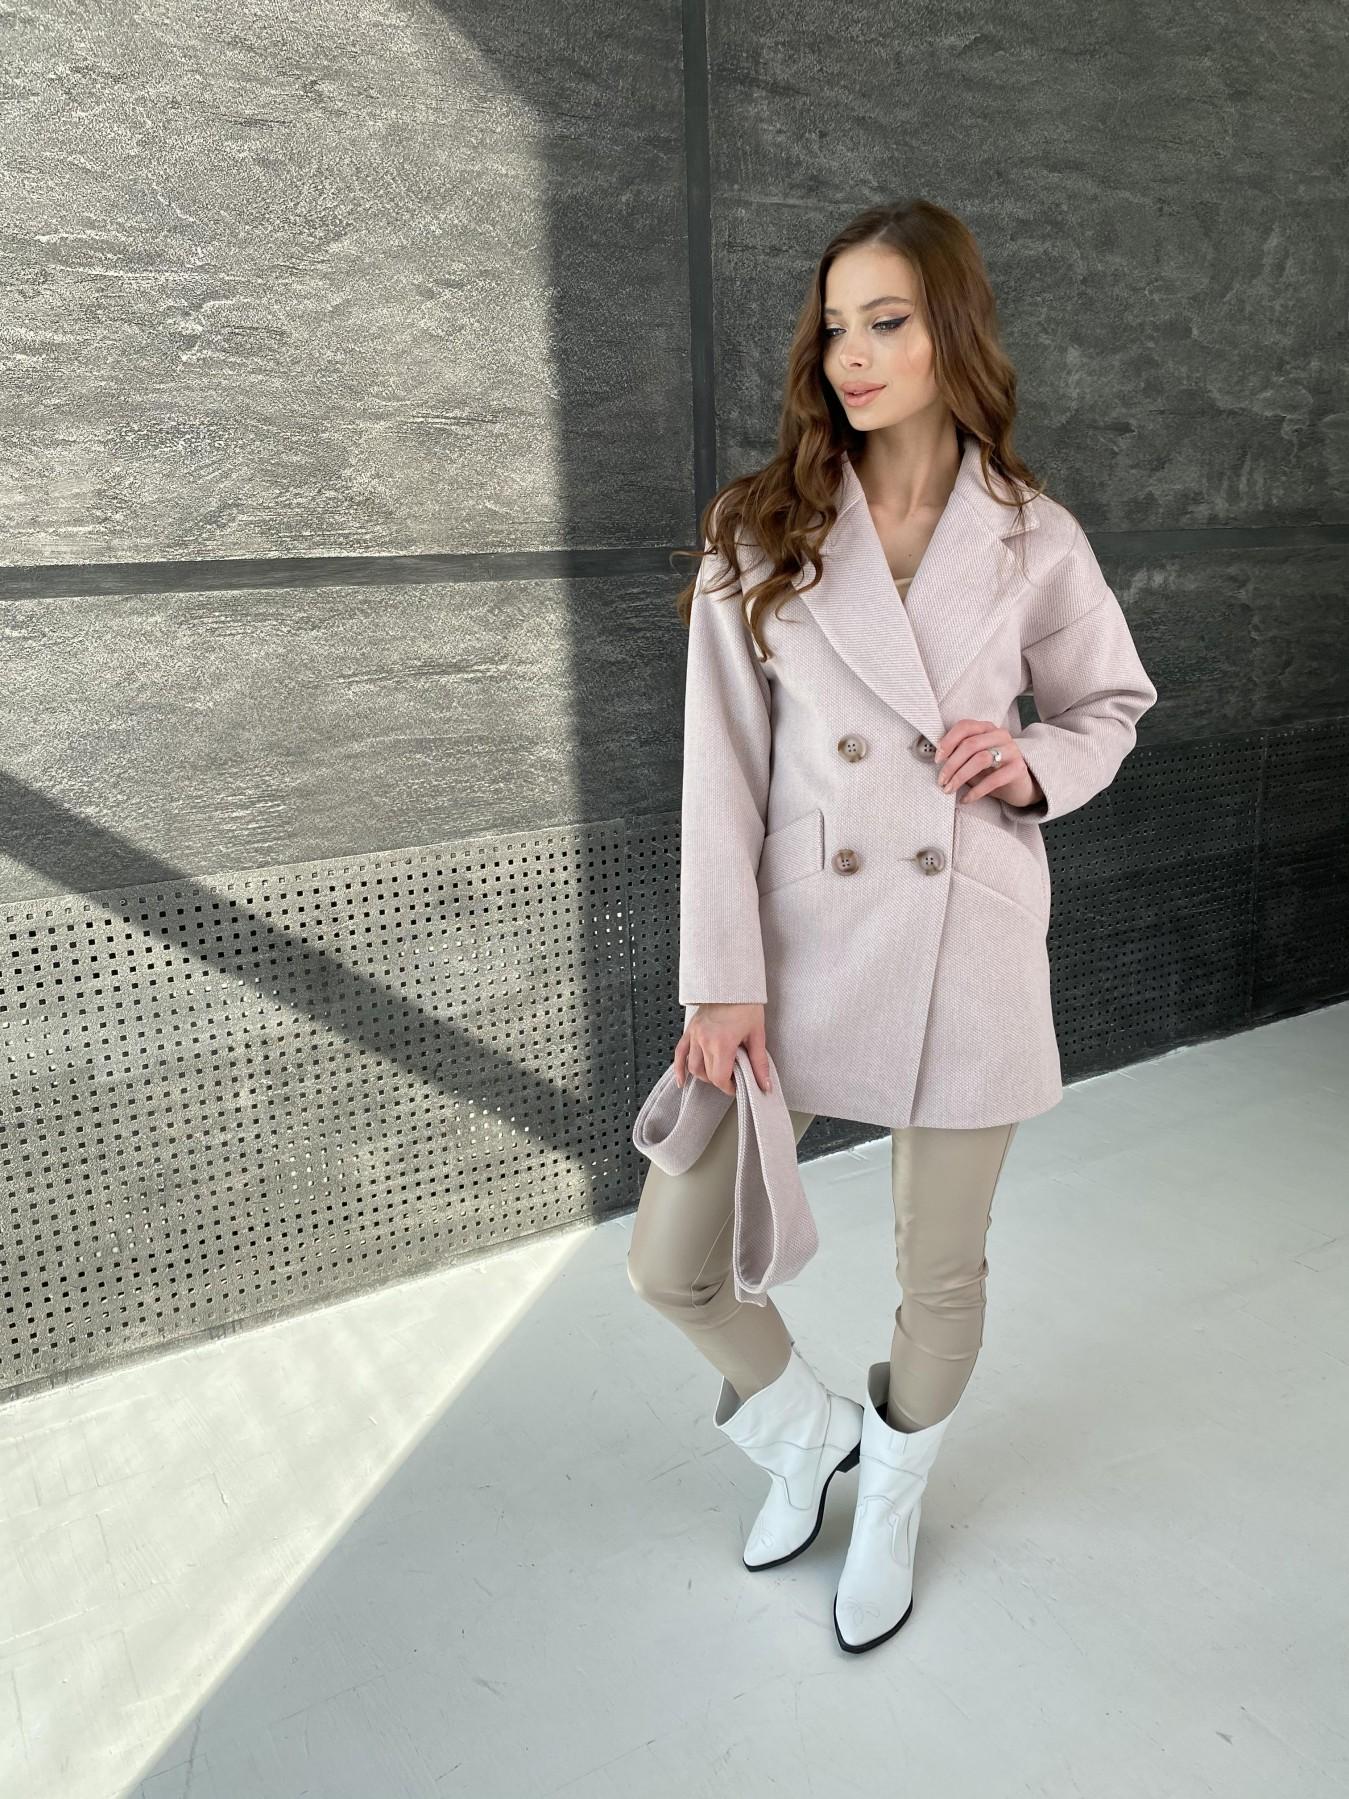 Бонд Флеш пальто из пальтовой ткани 10768 АРТ. 47195 Цвет: Пудра - фото 6, интернет магазин tm-modus.ru